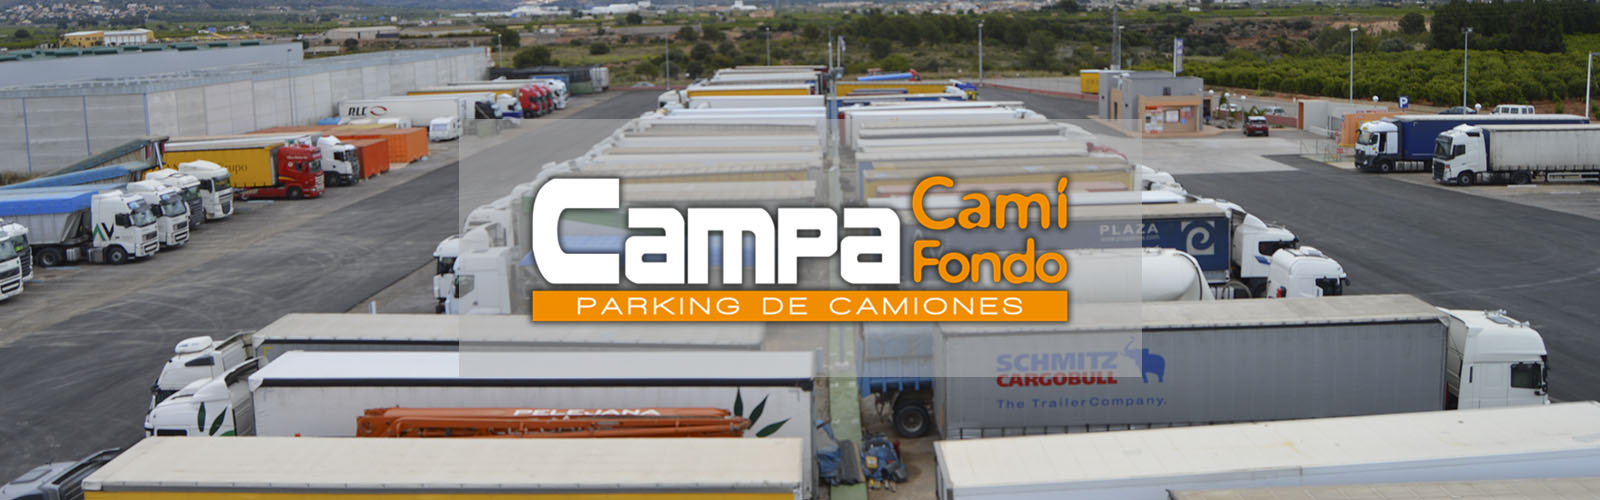 Parking camiones CV-10 Castellón